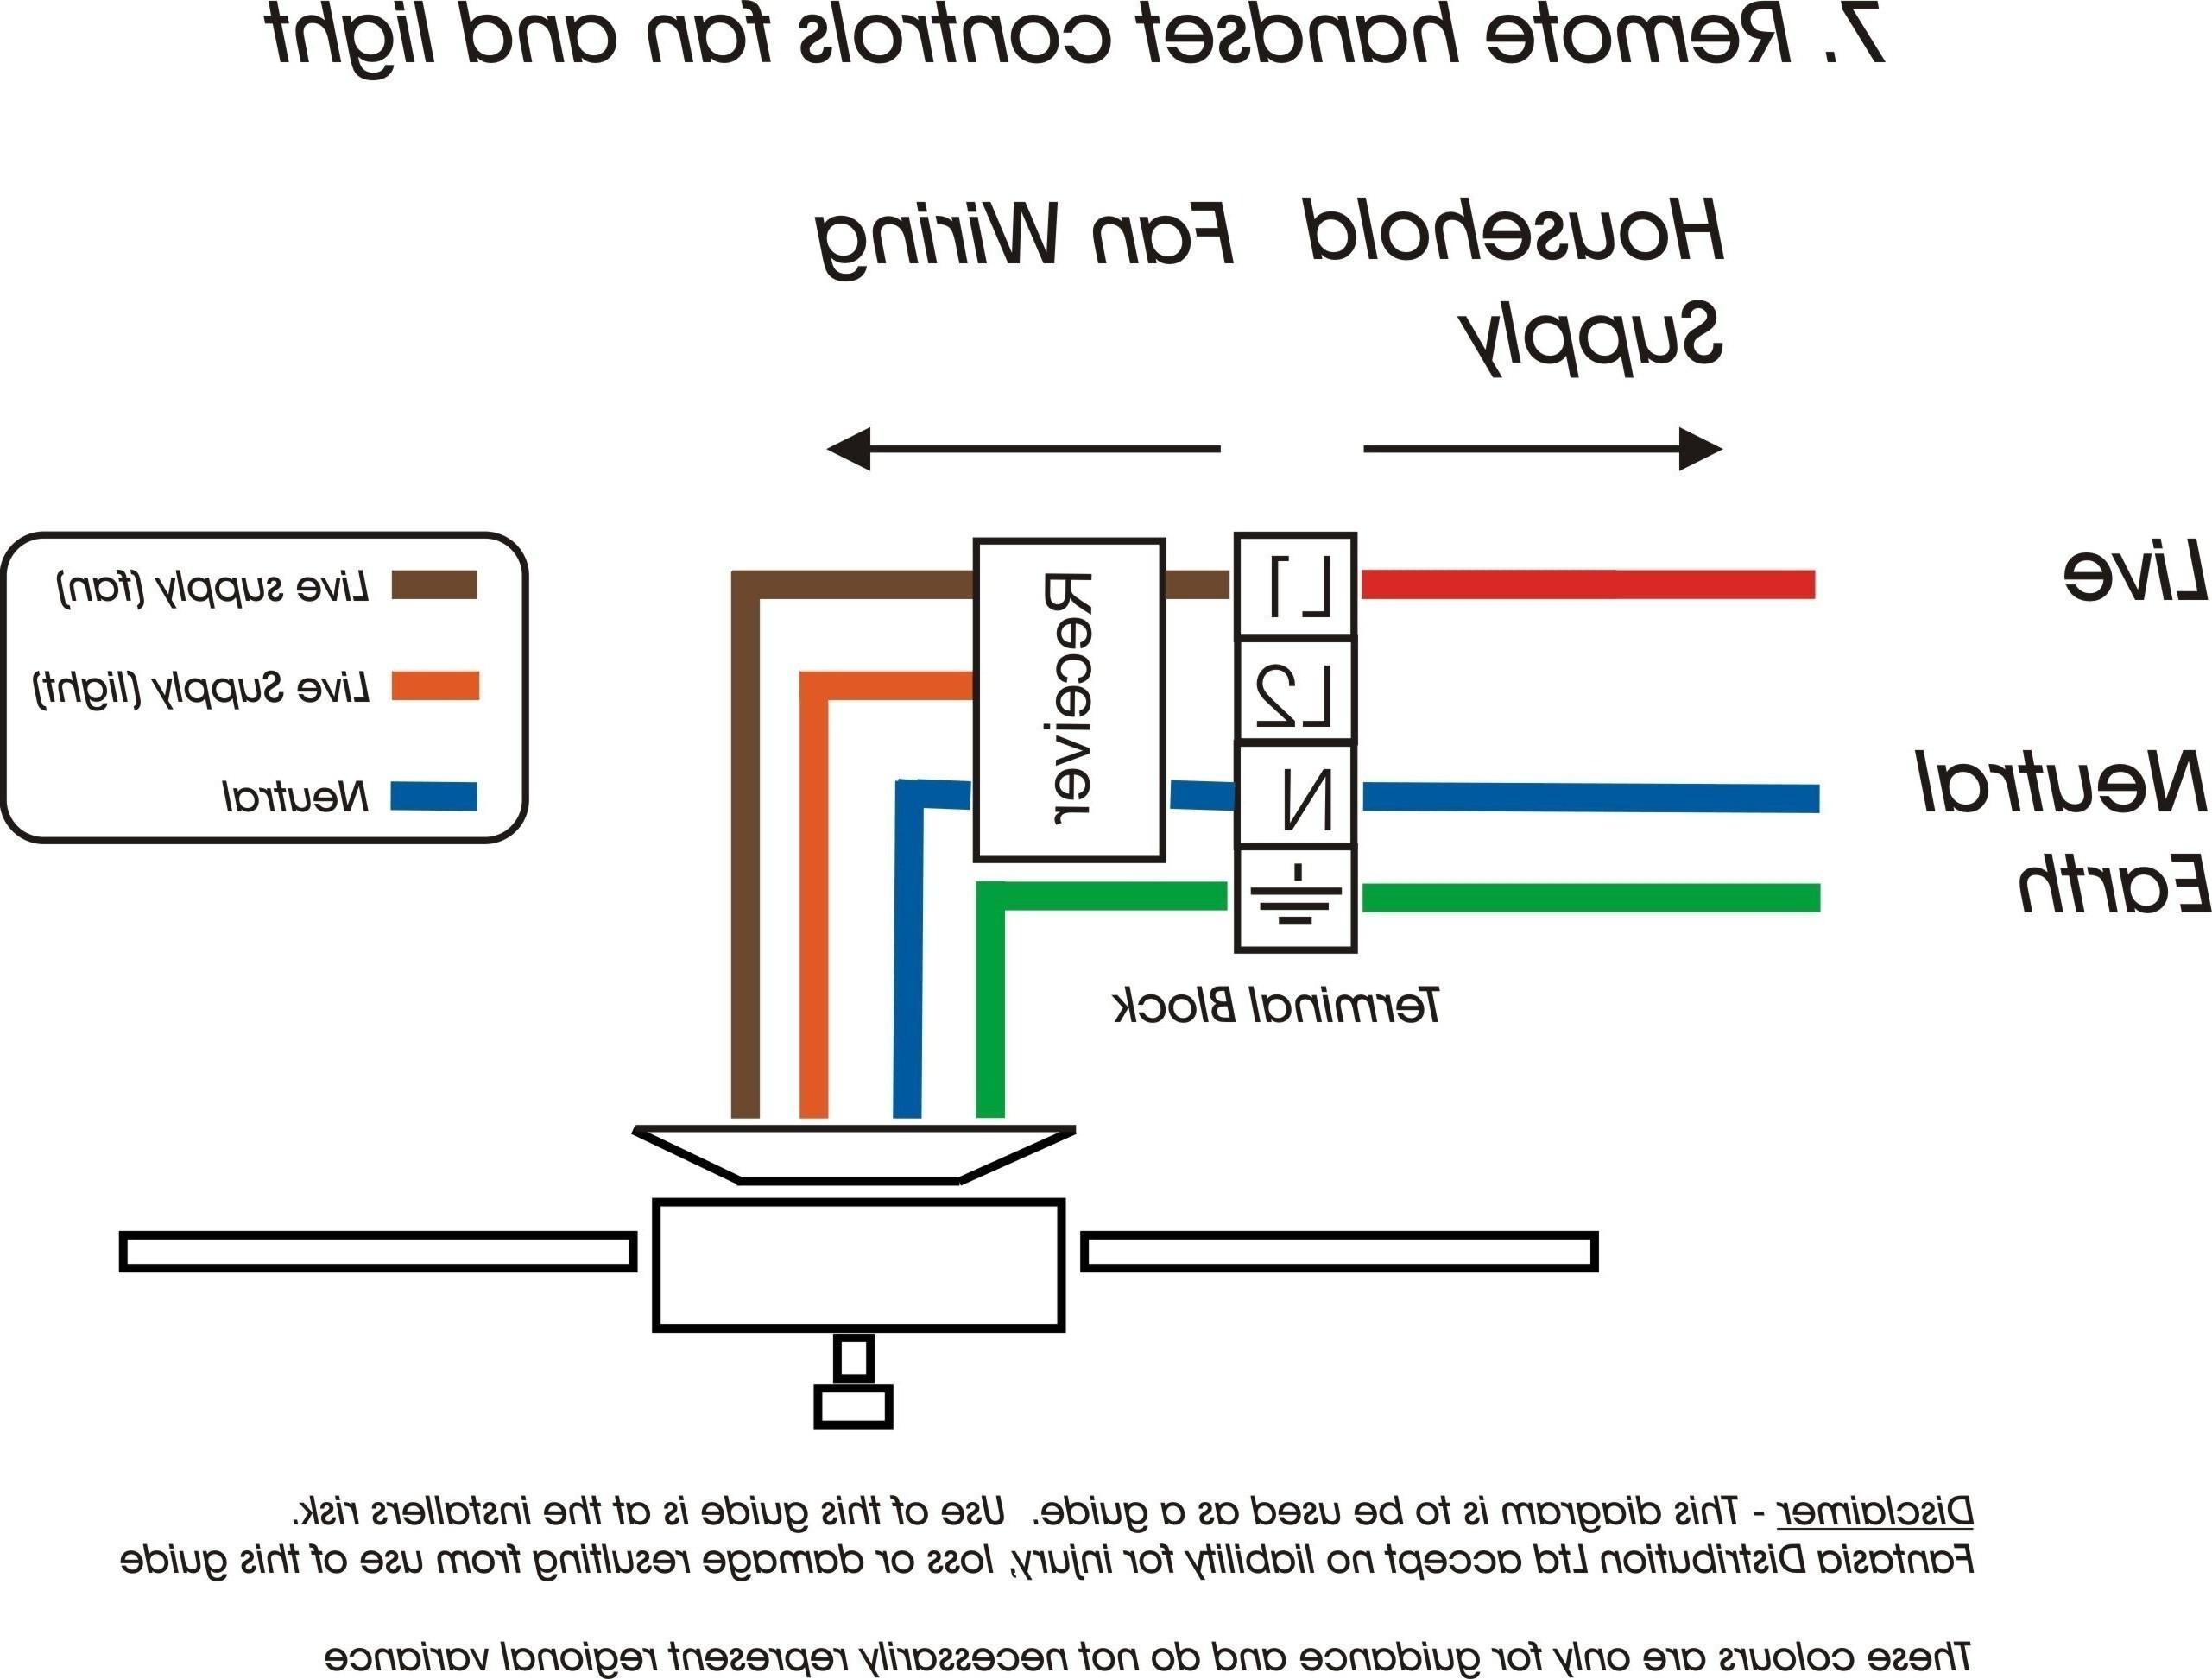 Broan Range Hood Wiring Diagram Wiring Diagram for Kitchen Extractor Fan Unique Bathroom Fan Timer Of Broan Range Hood Wiring Diagram